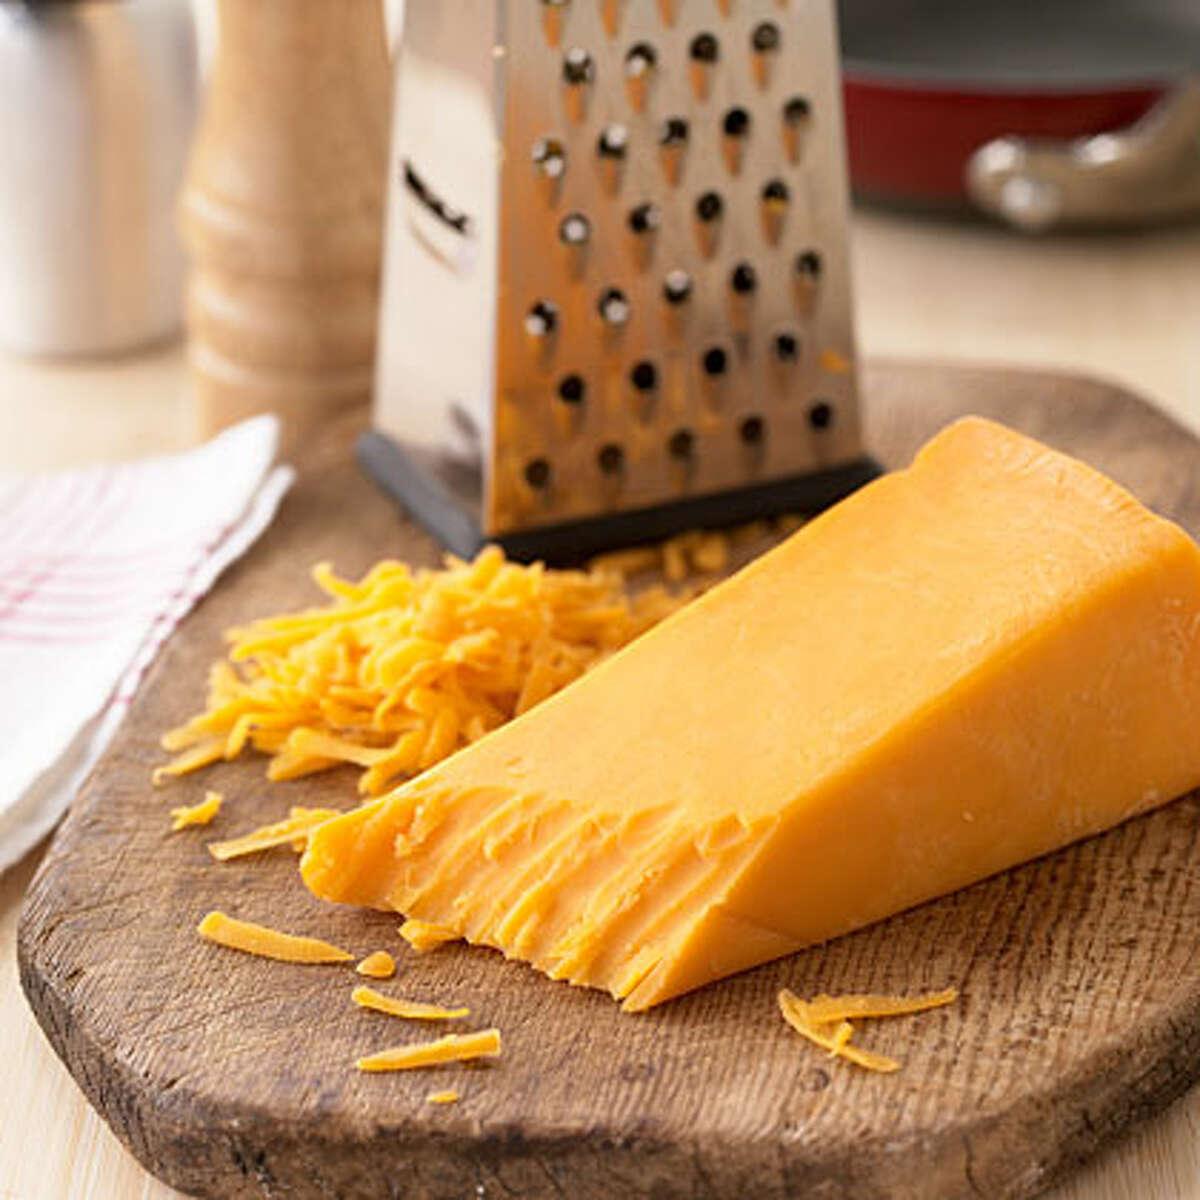 cheddar cheese (http://www.myrecipes.com)